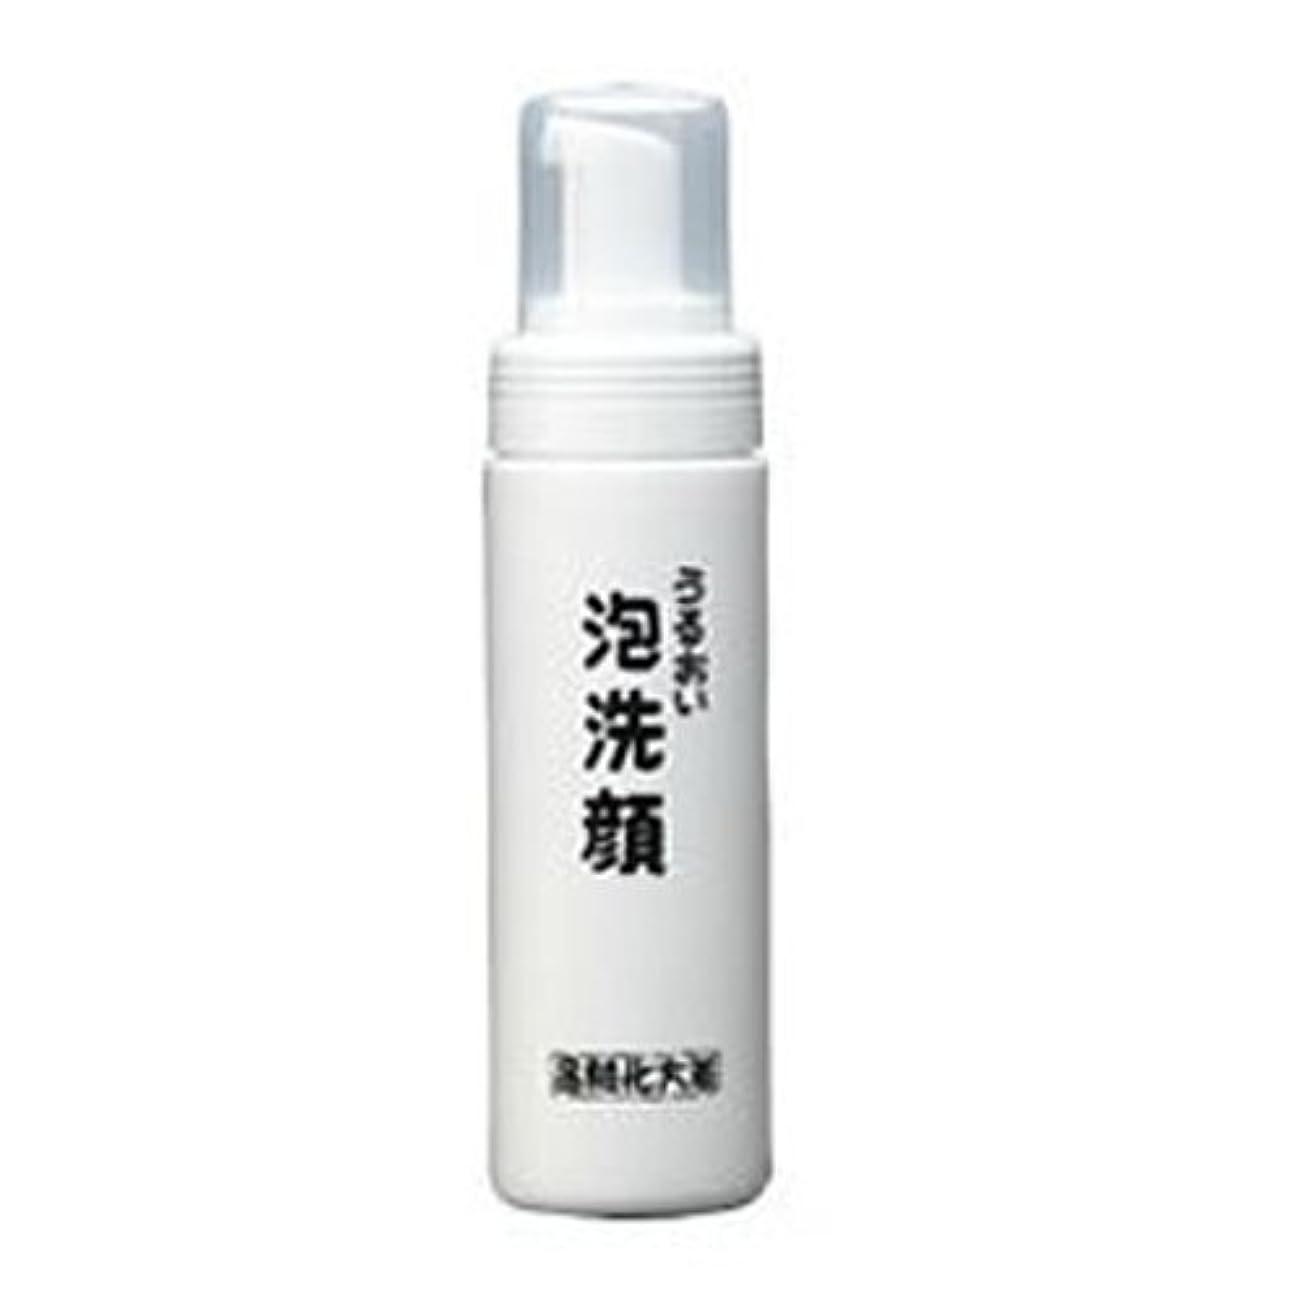 通知平凡髄箸方化粧品 うるおい泡洗顔 150ml はしかた化粧品